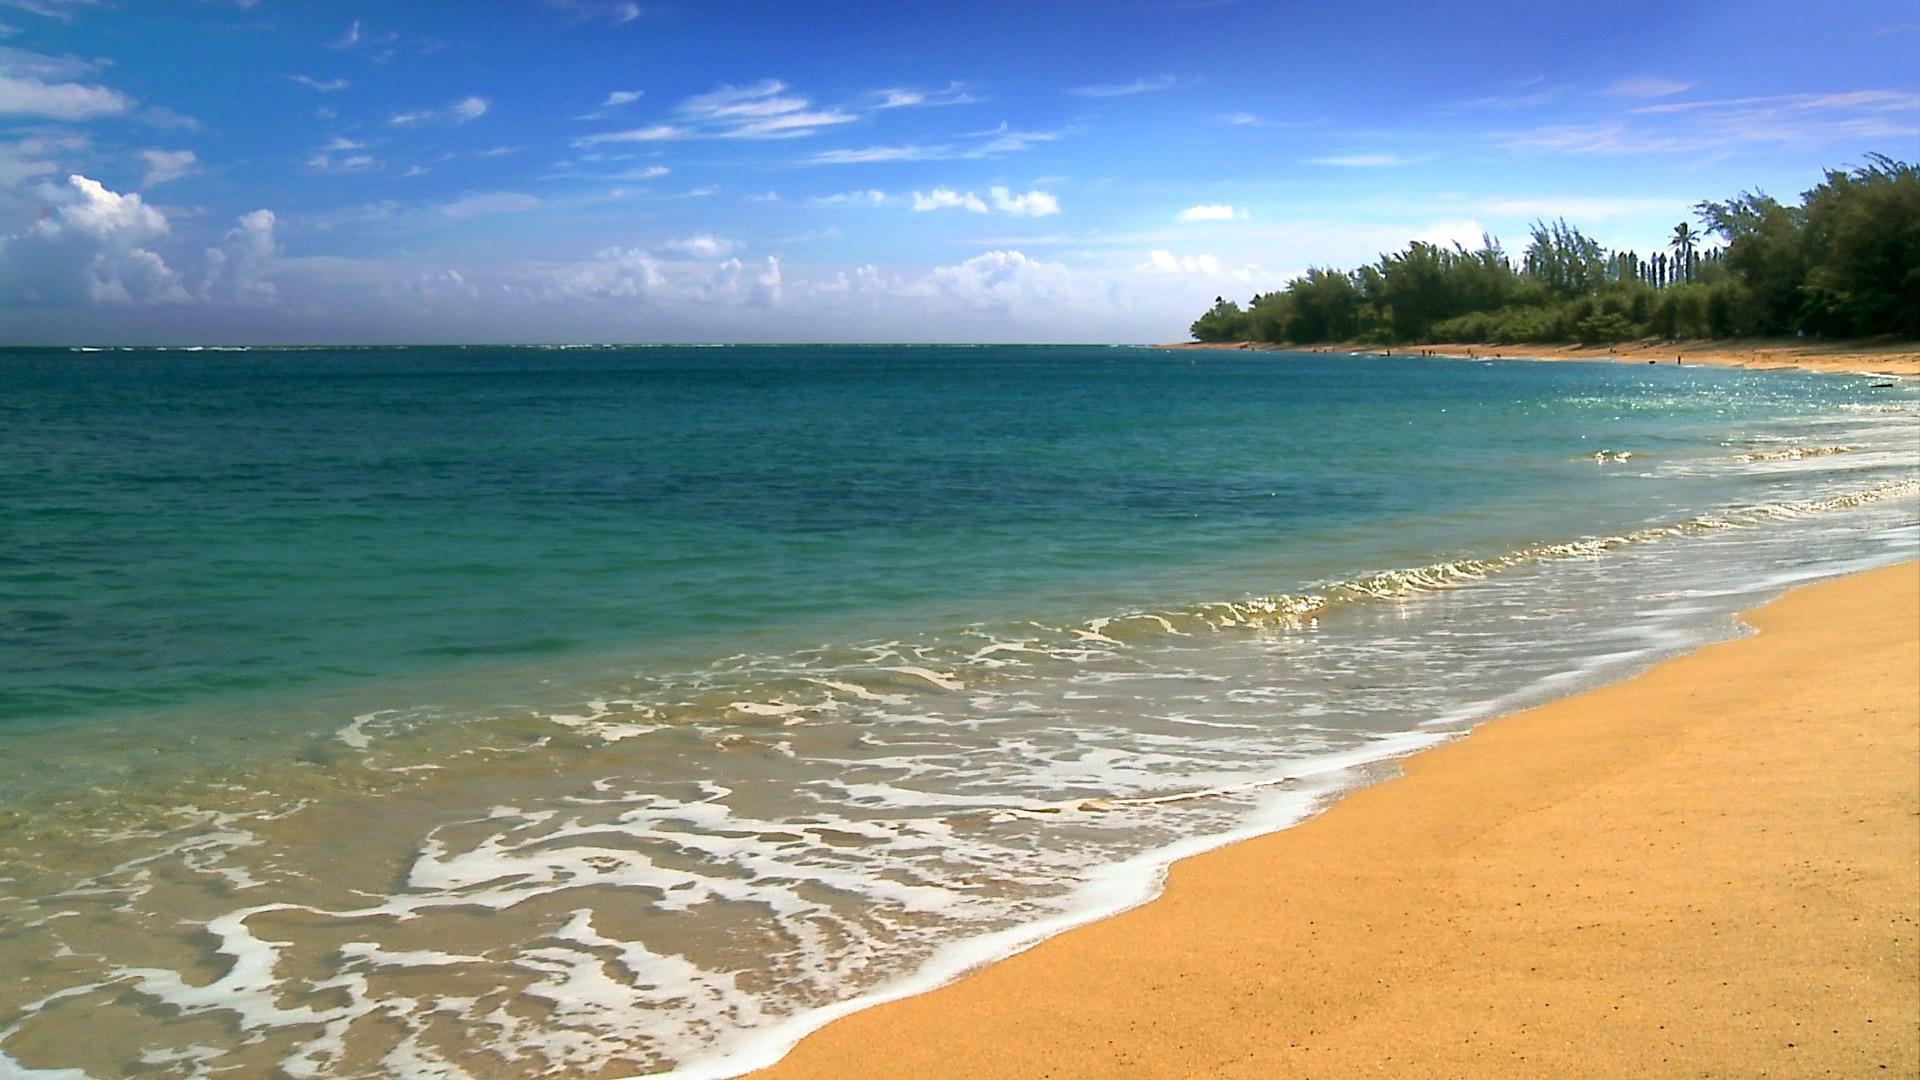 Explore Beach Wallpaper, Beach Scenes, and more!